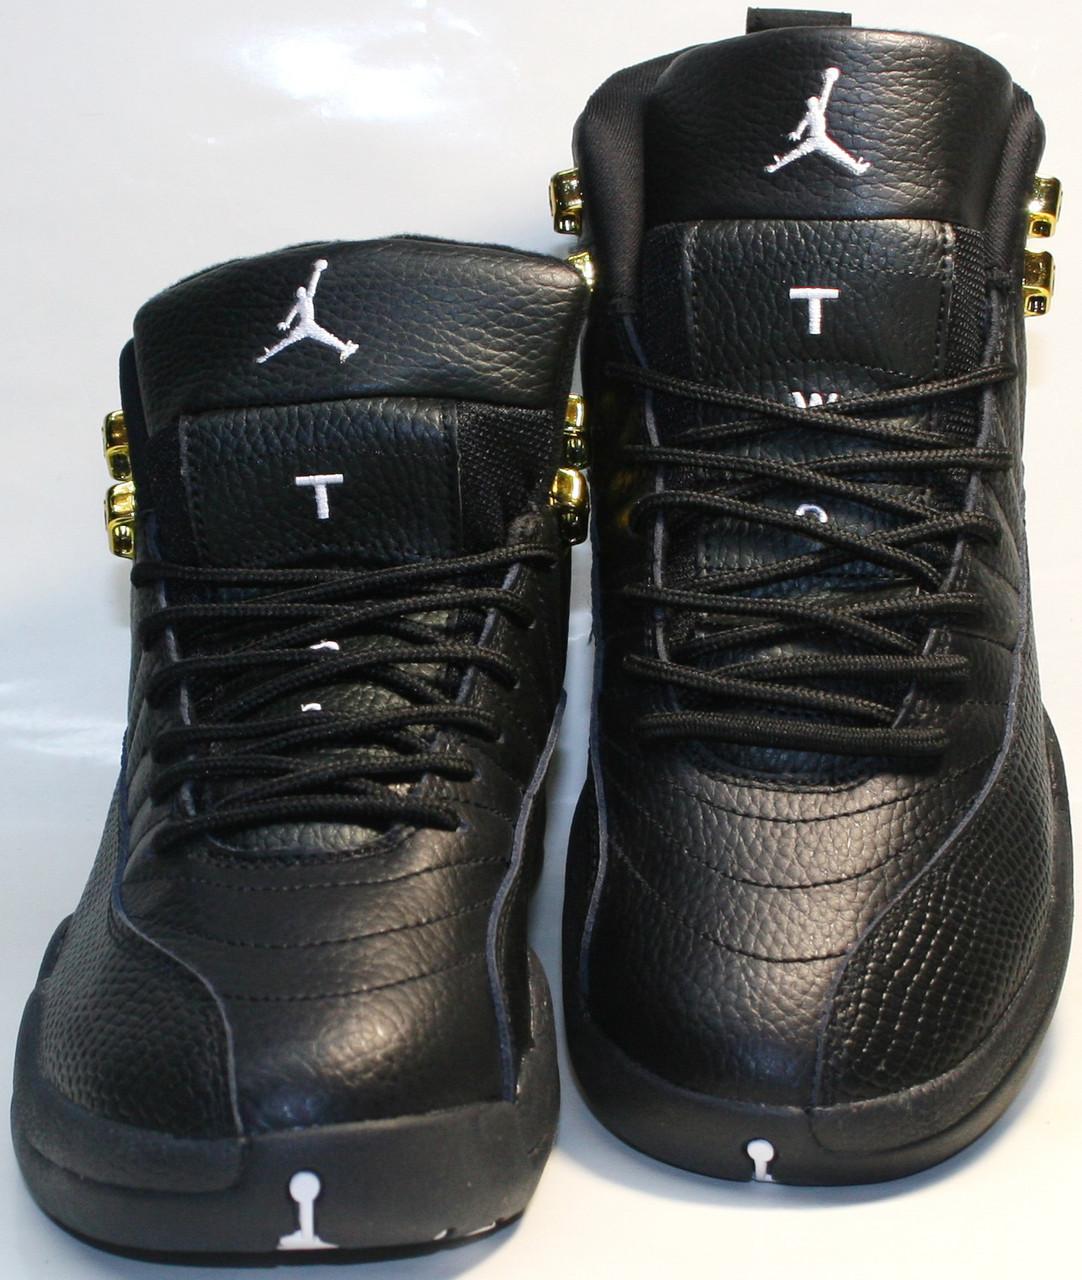 83ba0e0e Баскетбольные кроссовки черного цвета nike air jordan 12 retro - ТЕХНОЛЮКС в  Запорожье